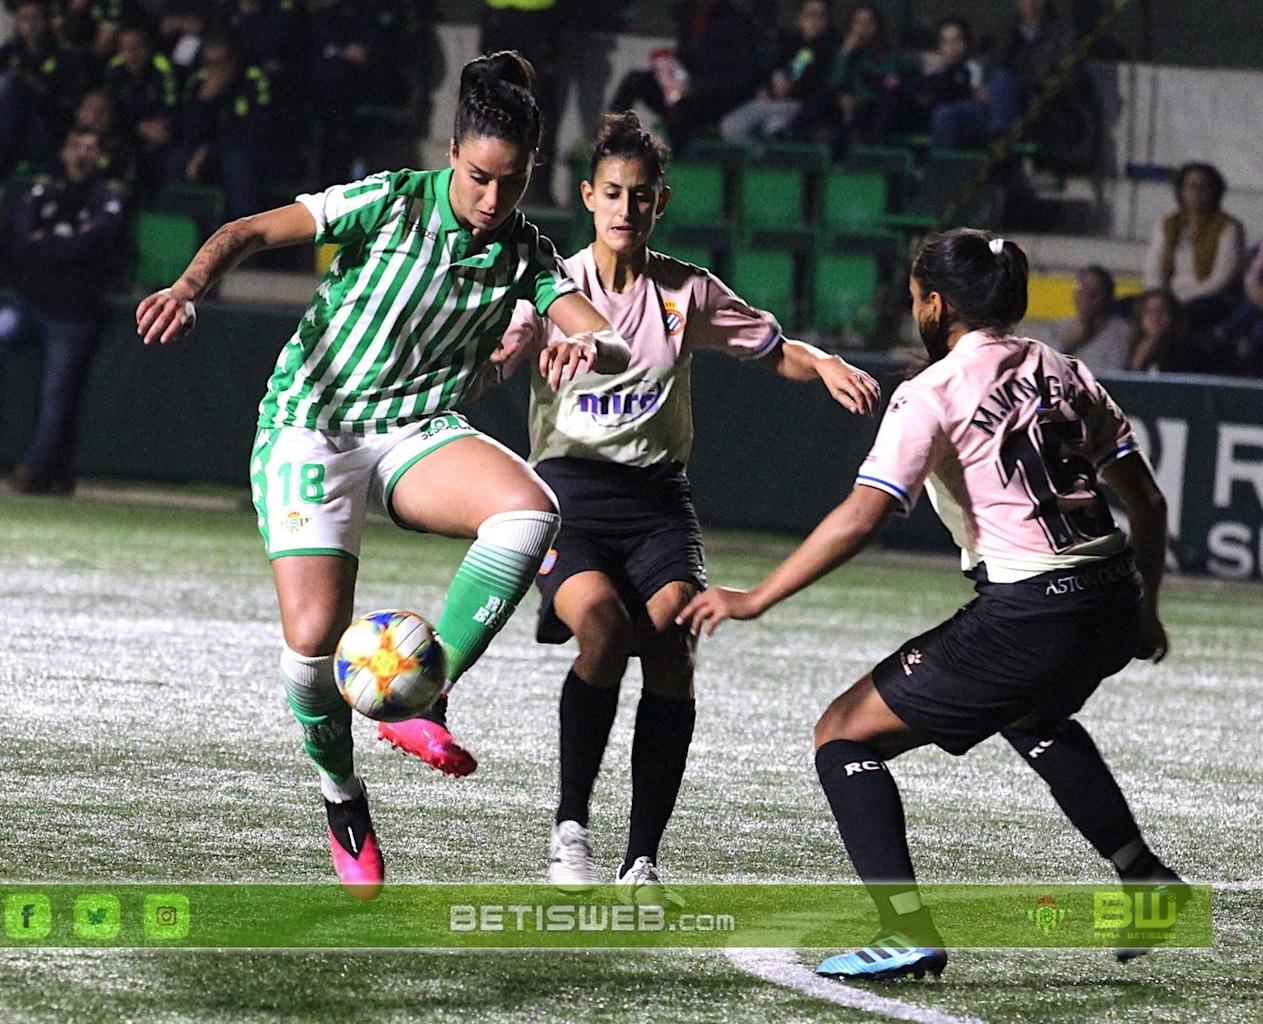 aJ20-Betis-Fem-Espanyol-187